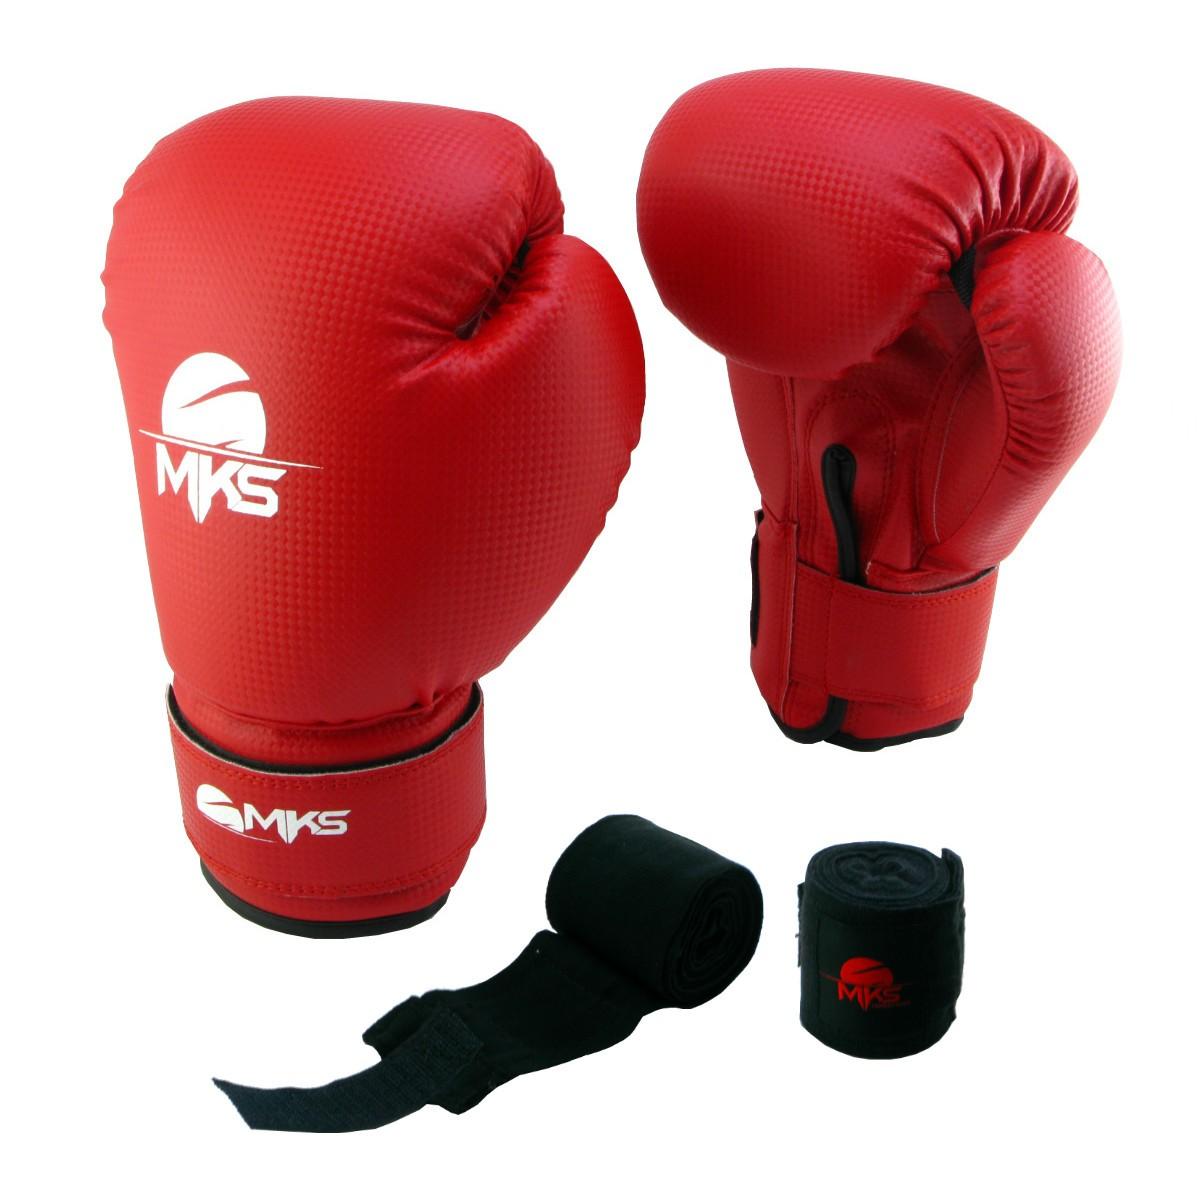 Luva de Boxe Prospect MKS Vermelha 12 oz + bandagem